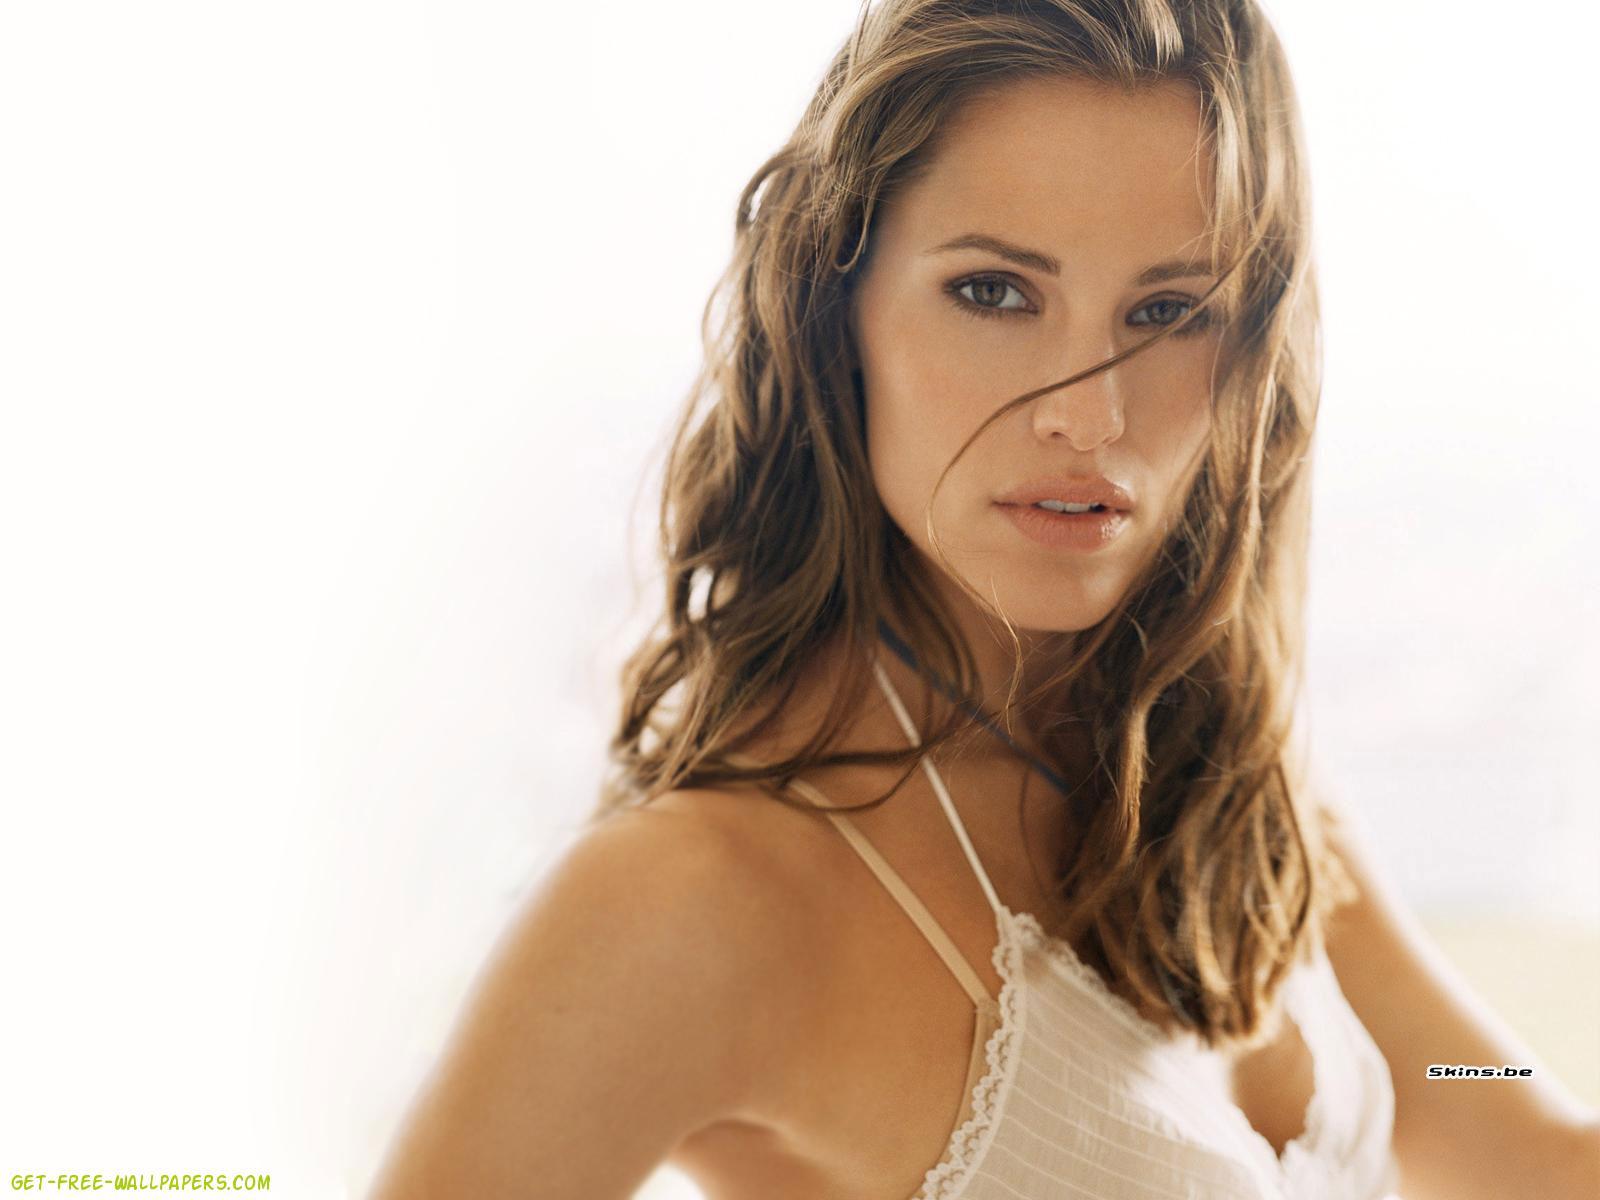 Free Jennifer Garner Wallpaper 26430 1920x1080 px